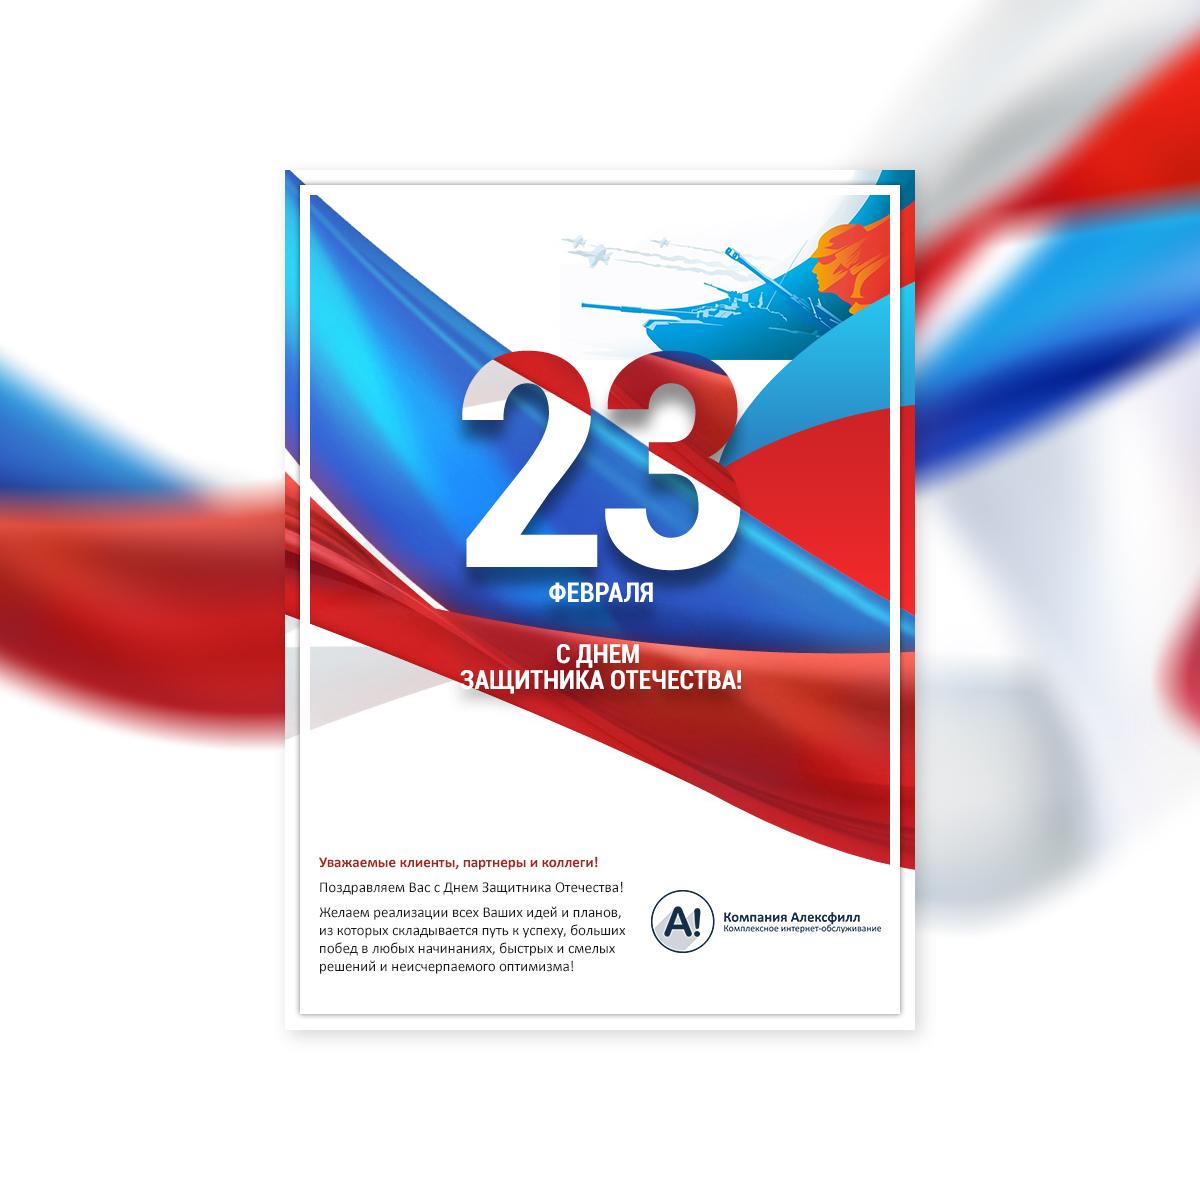 ❶23 февраля дизайн|Купить мыло ручной работы на 23 февраля|Каталог 23 февраля catalog_23 | Joomag Newsstand|А где тут жмакать? ( UX research and UX design)|}